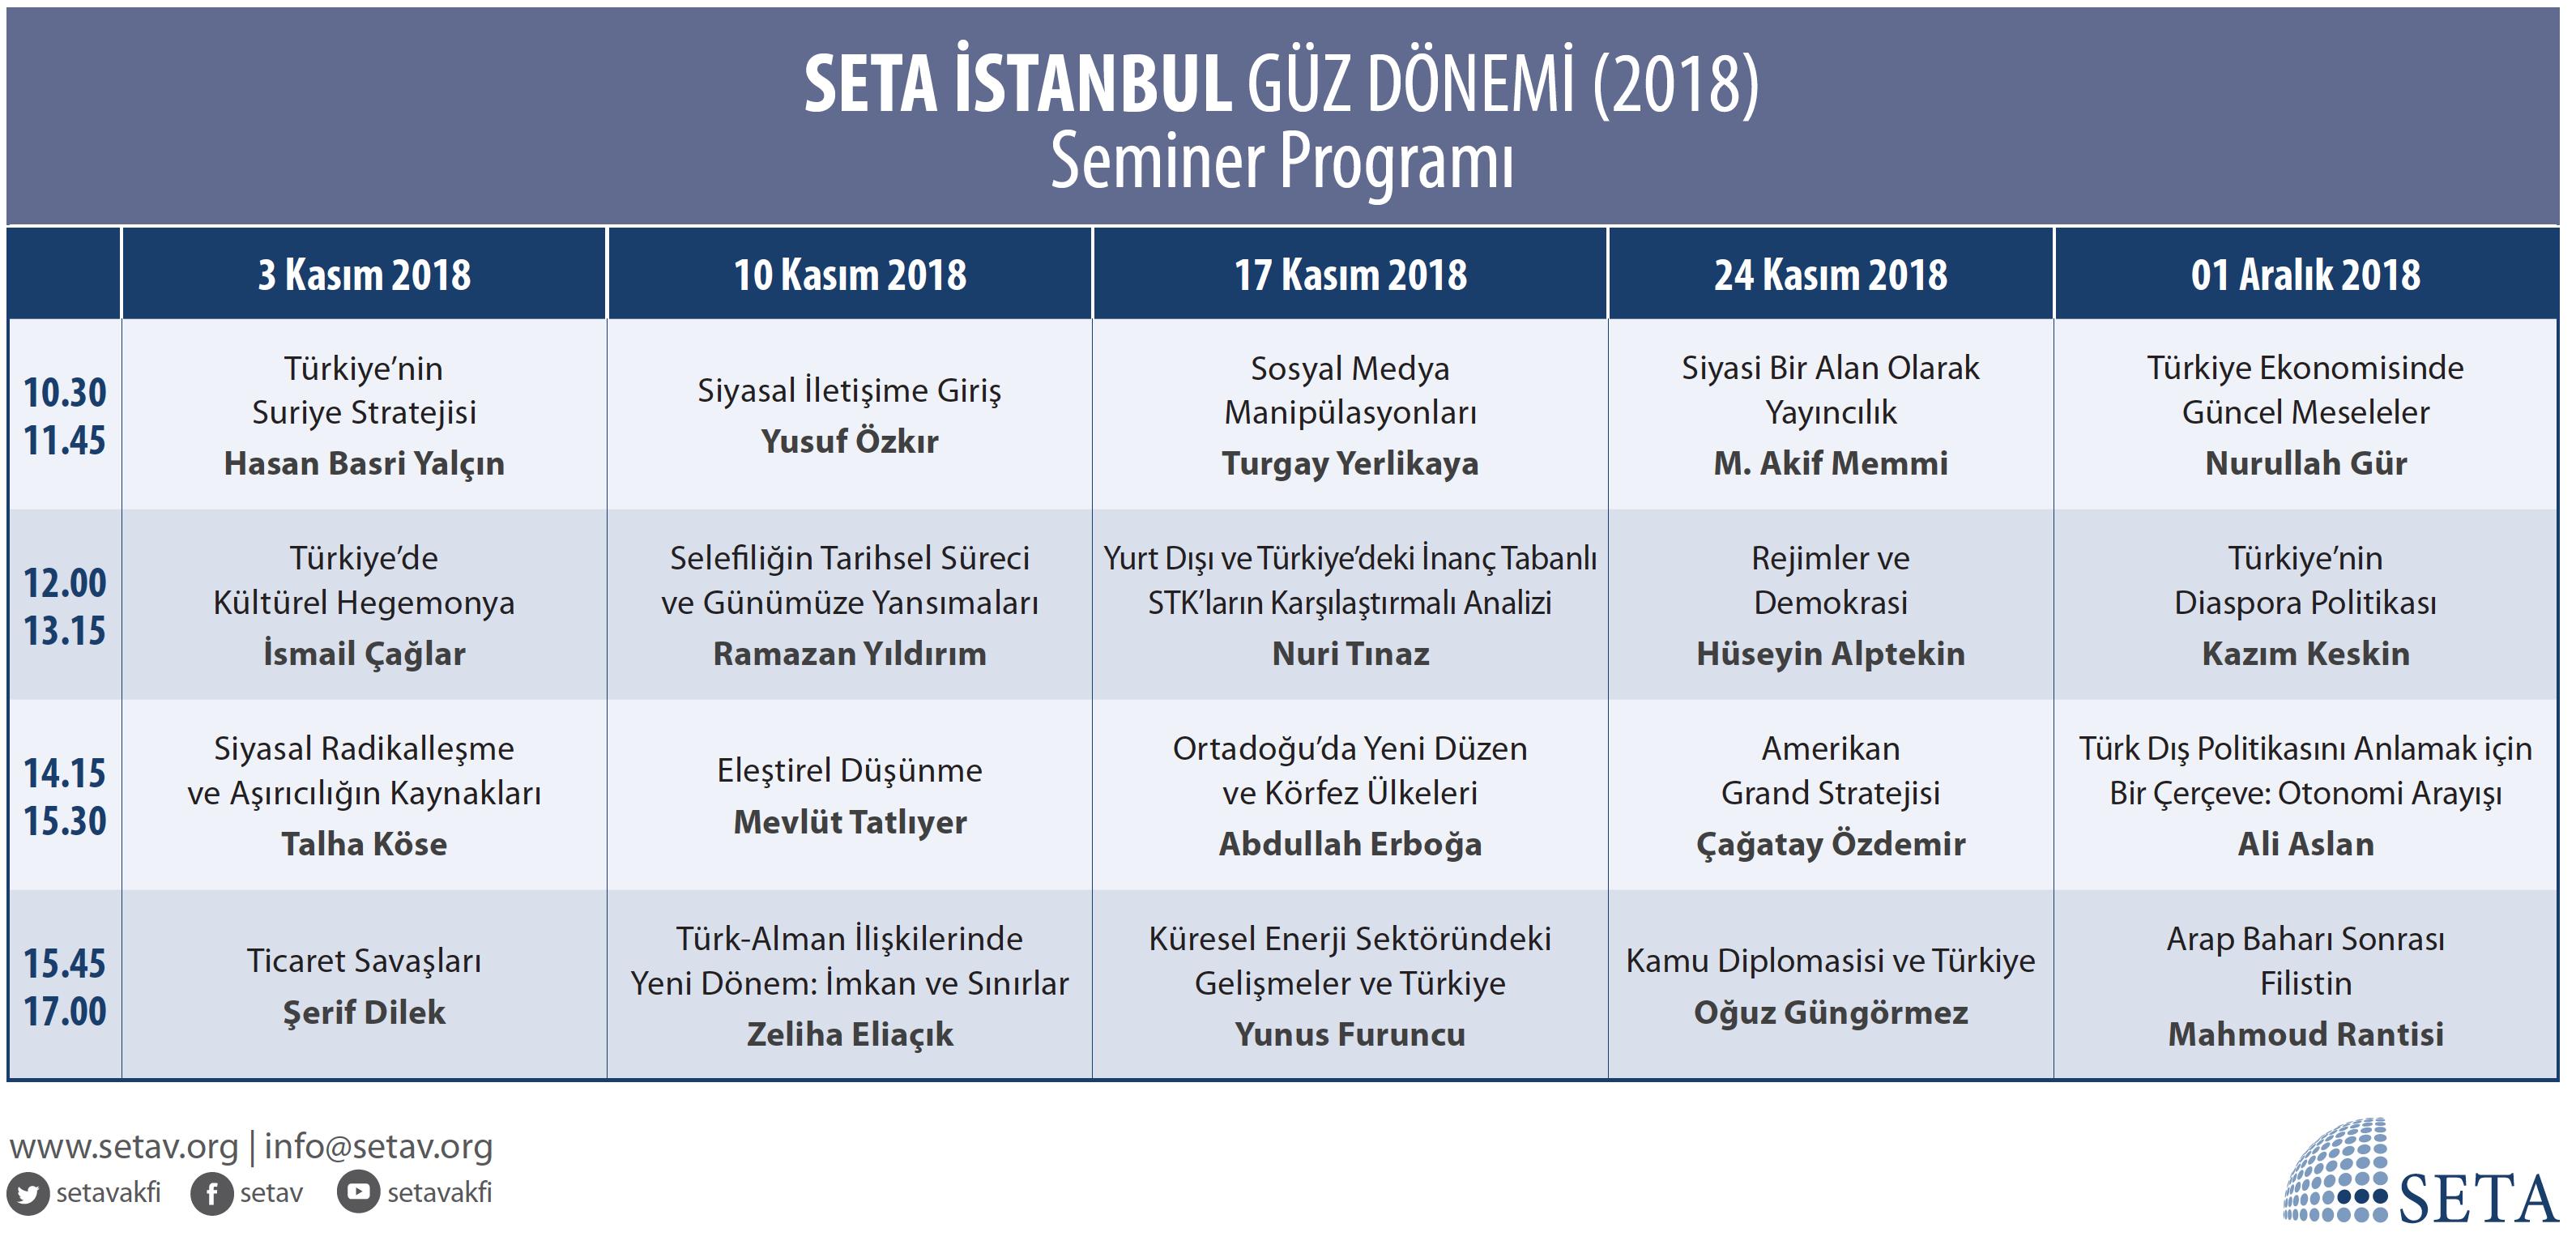 SETA 2018 Güz Dönemi Seminerleri